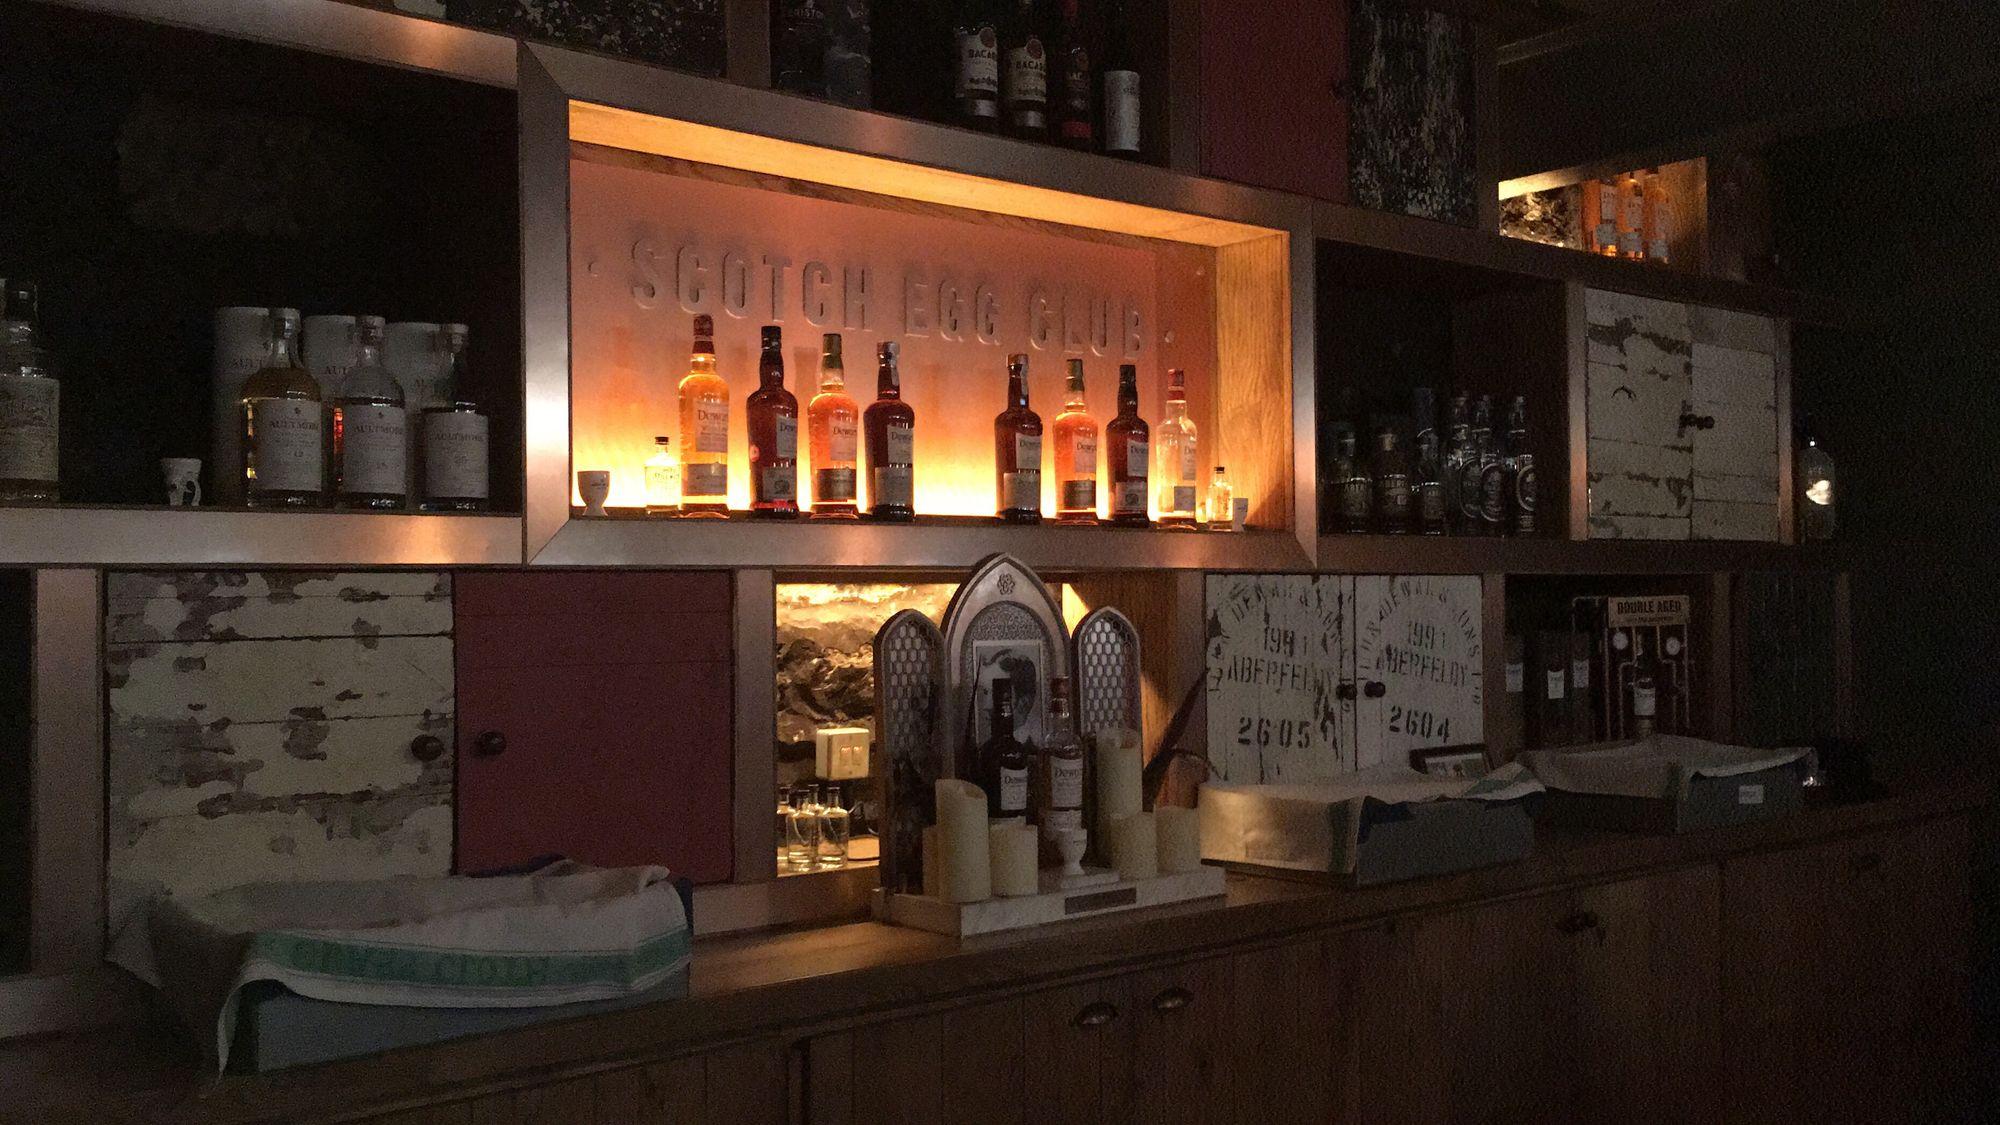 The Scotch Egg Club